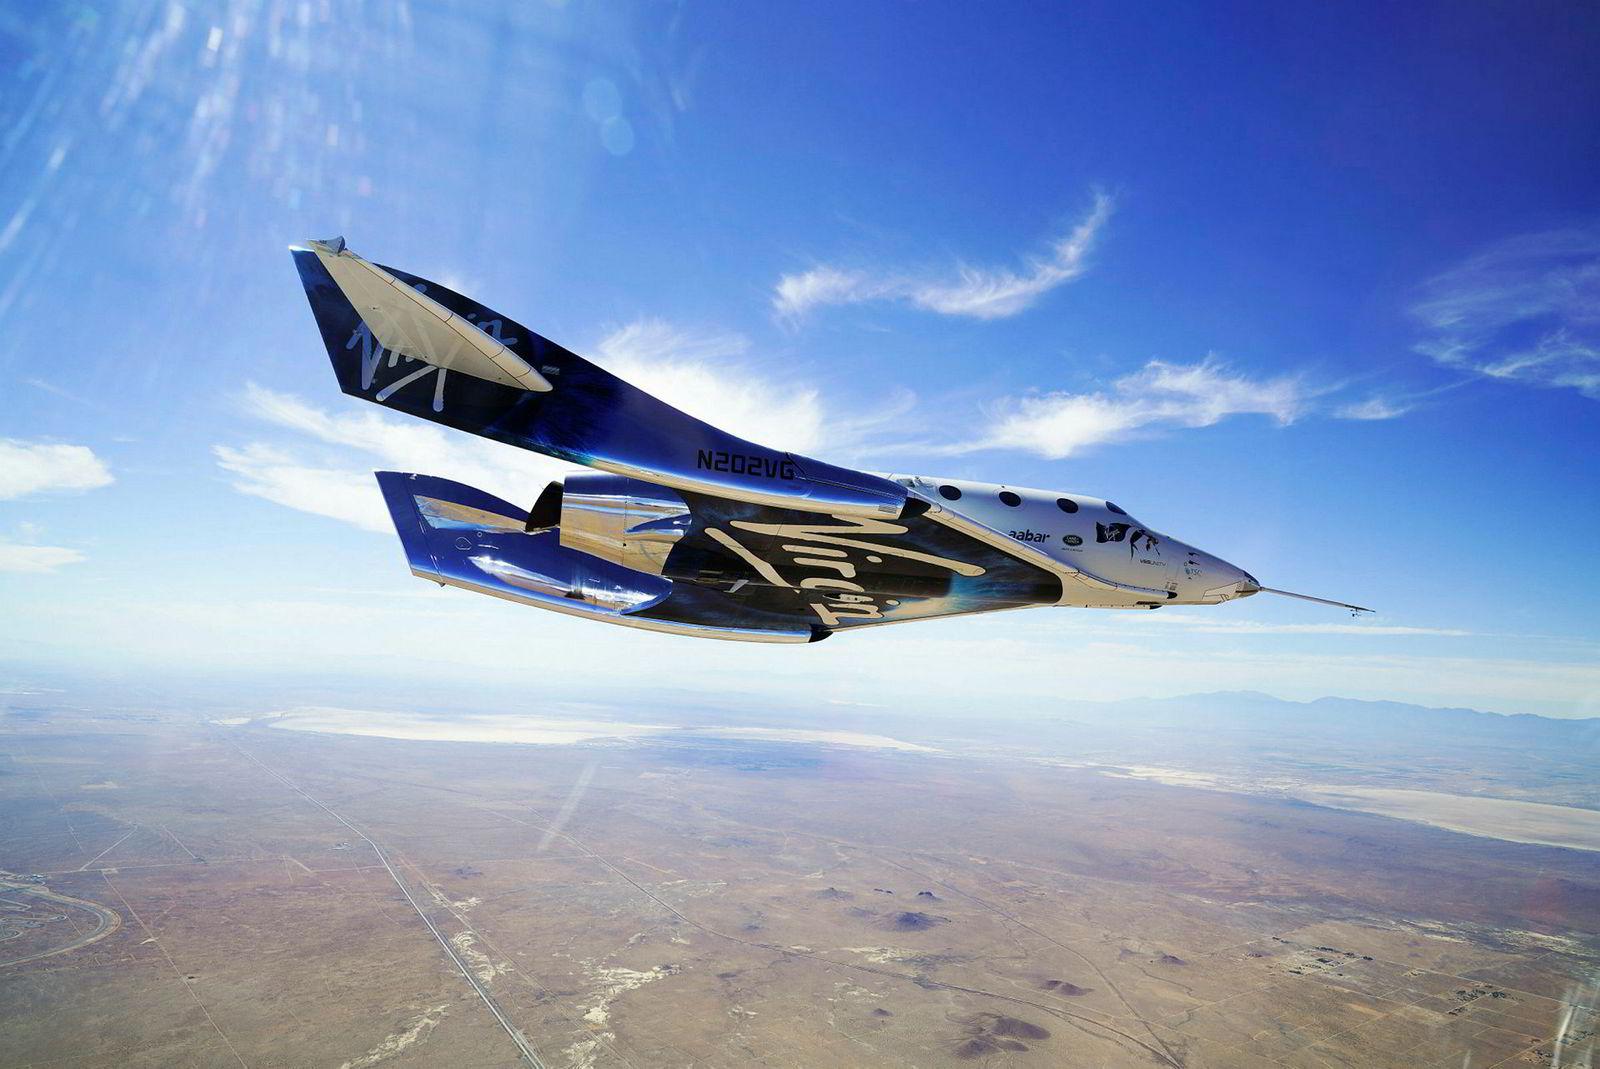 Denne romfergen fra Virgin Galactic skal allerede i 2019 ta med betalende turister ut av Jordens atmosfære.